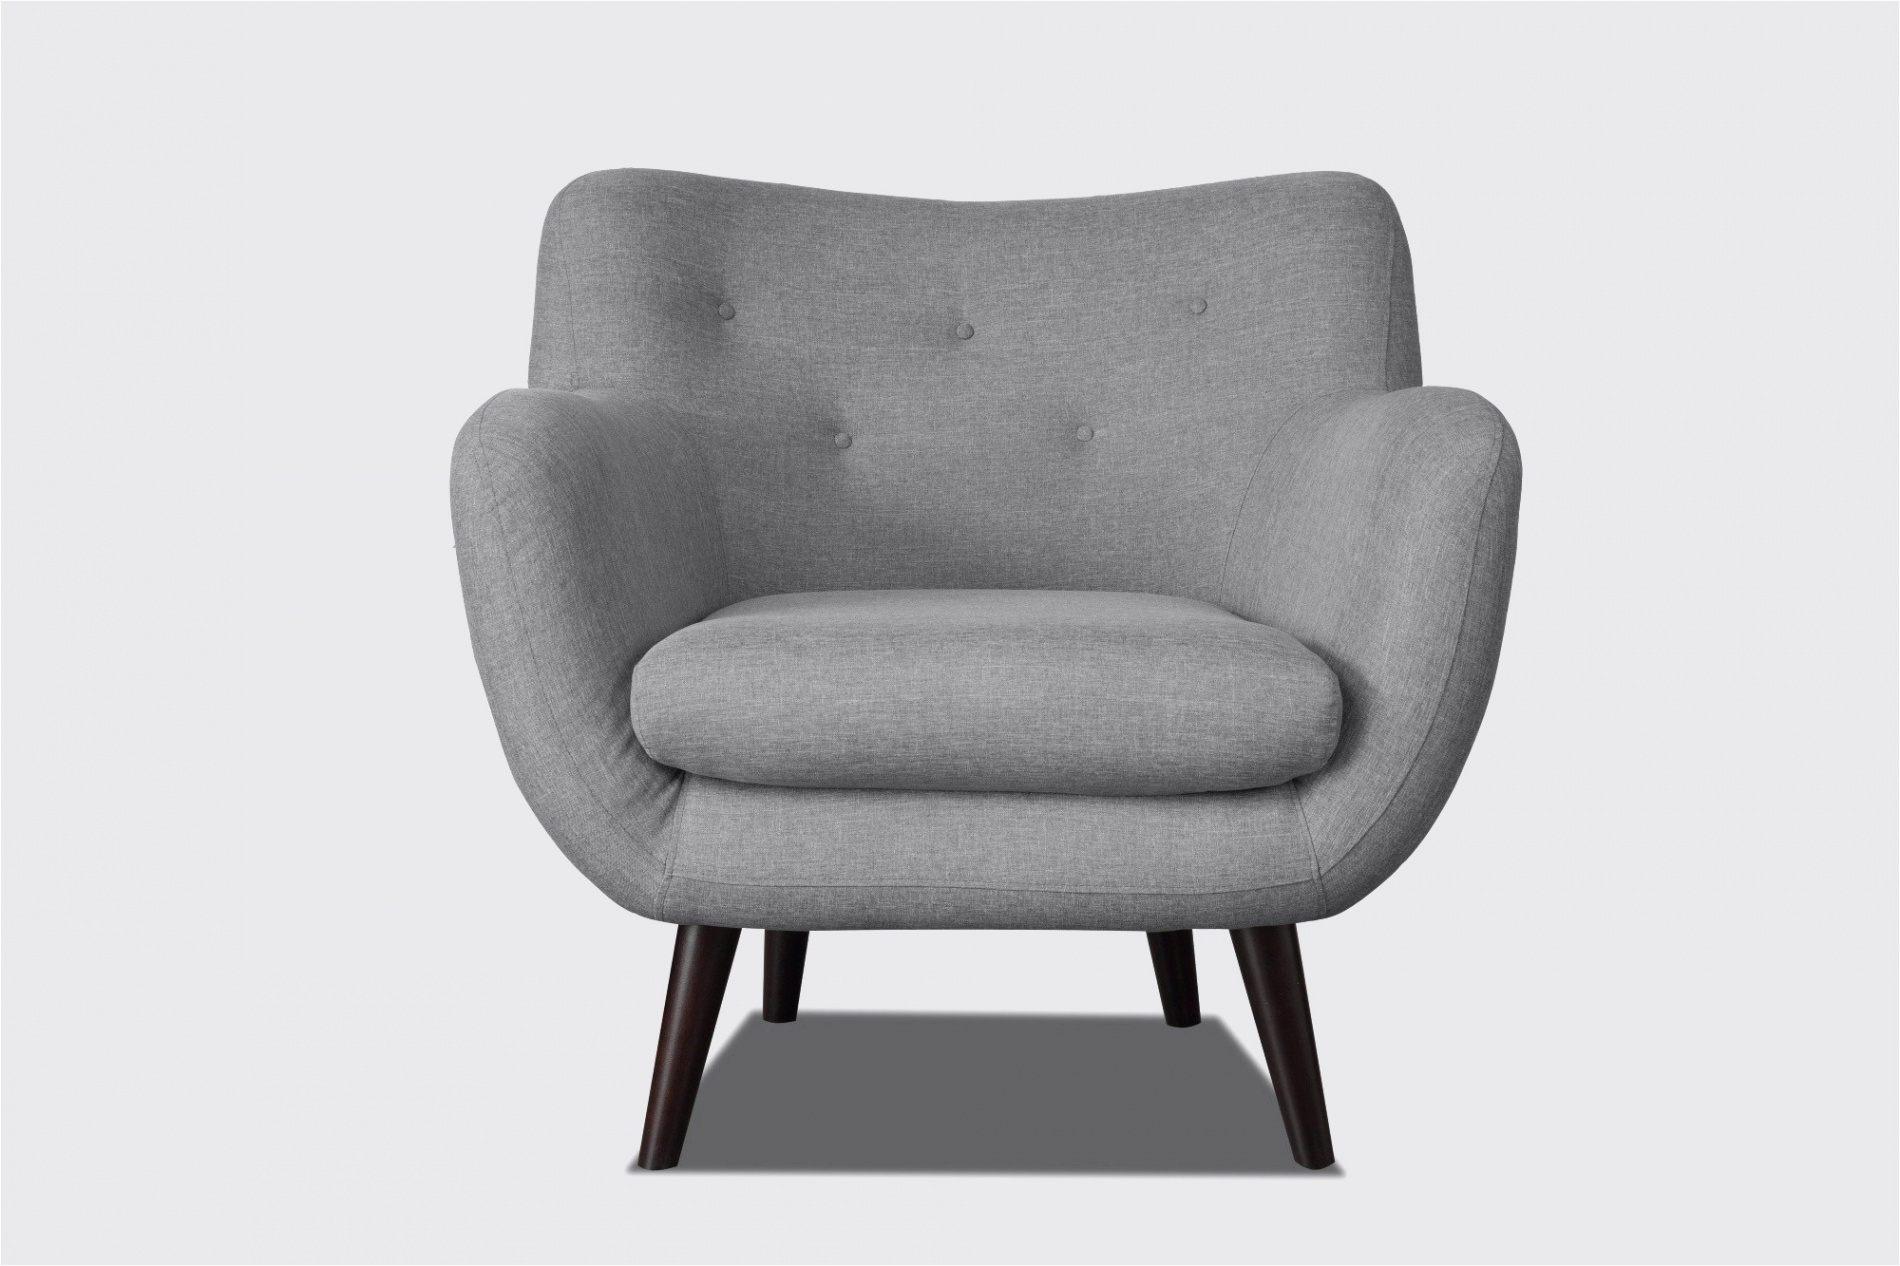 Lit 1 Place Douce Jacob Desmalter Et Cie An Empire Suite Furniture Prising A